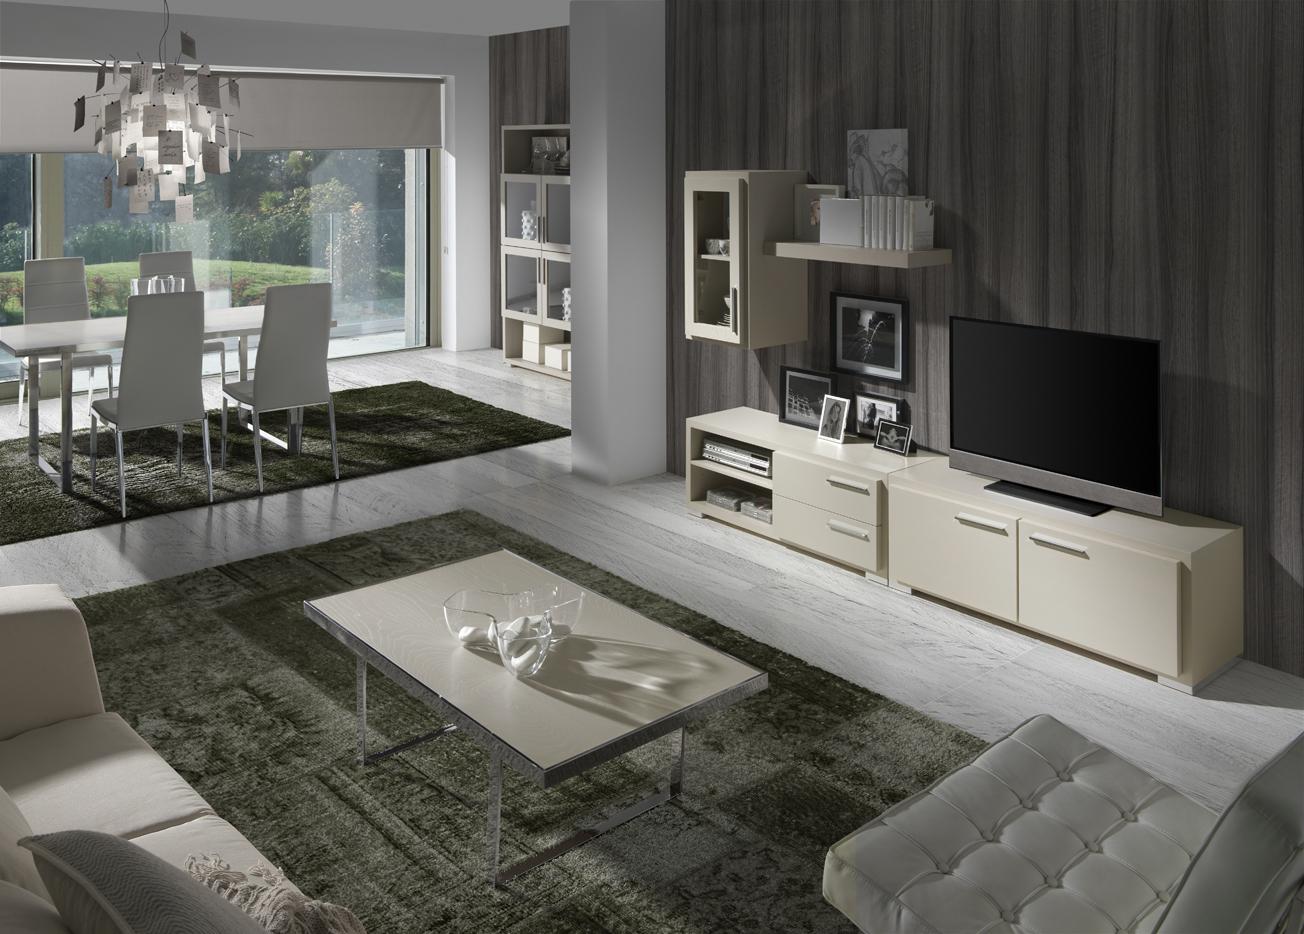 ideas para decorar el salón: 3 consejos para tener el salon ordenado